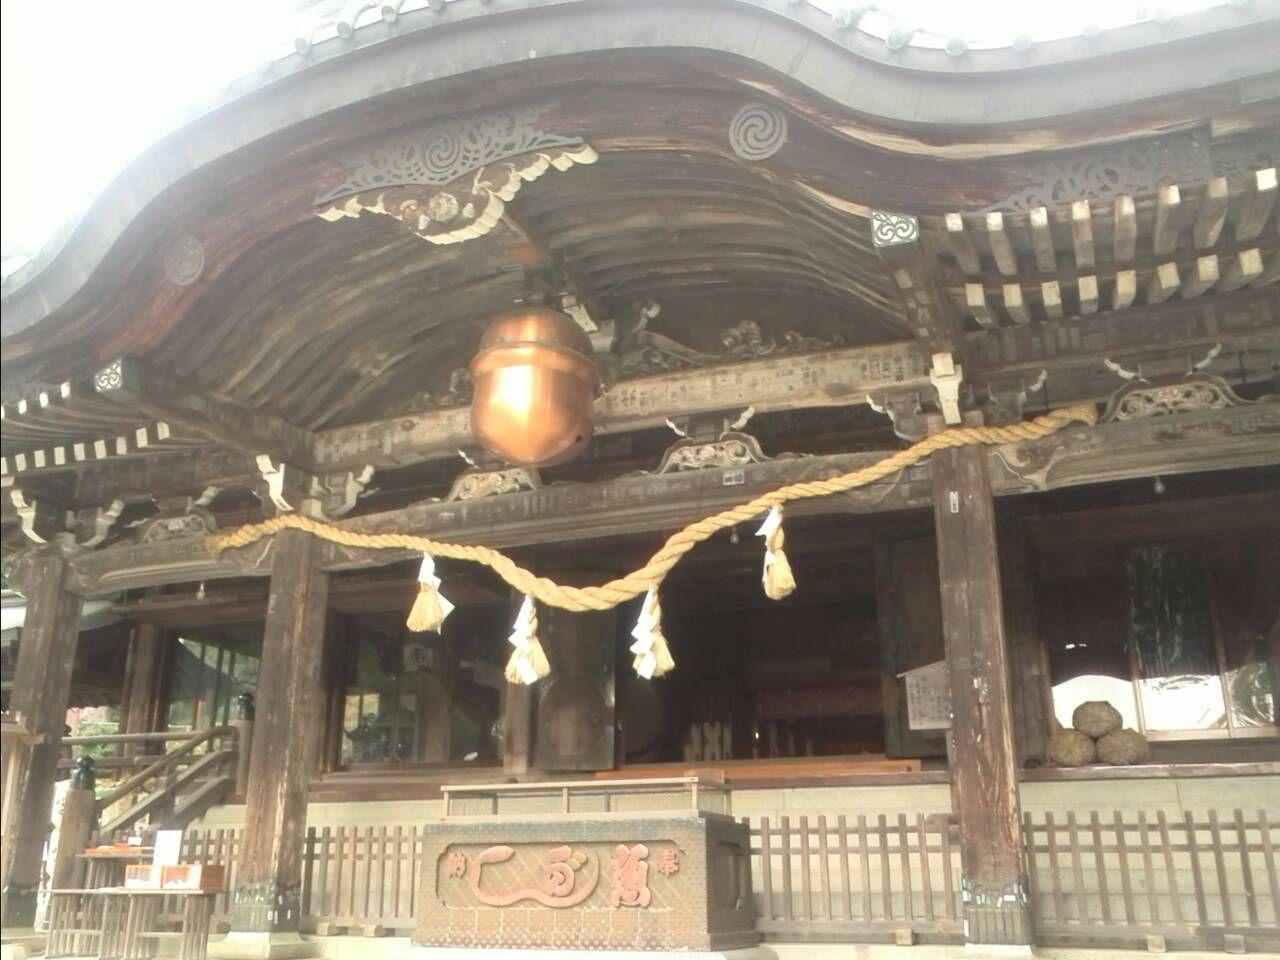 パワースポットその1 筑波山と筑波山神社